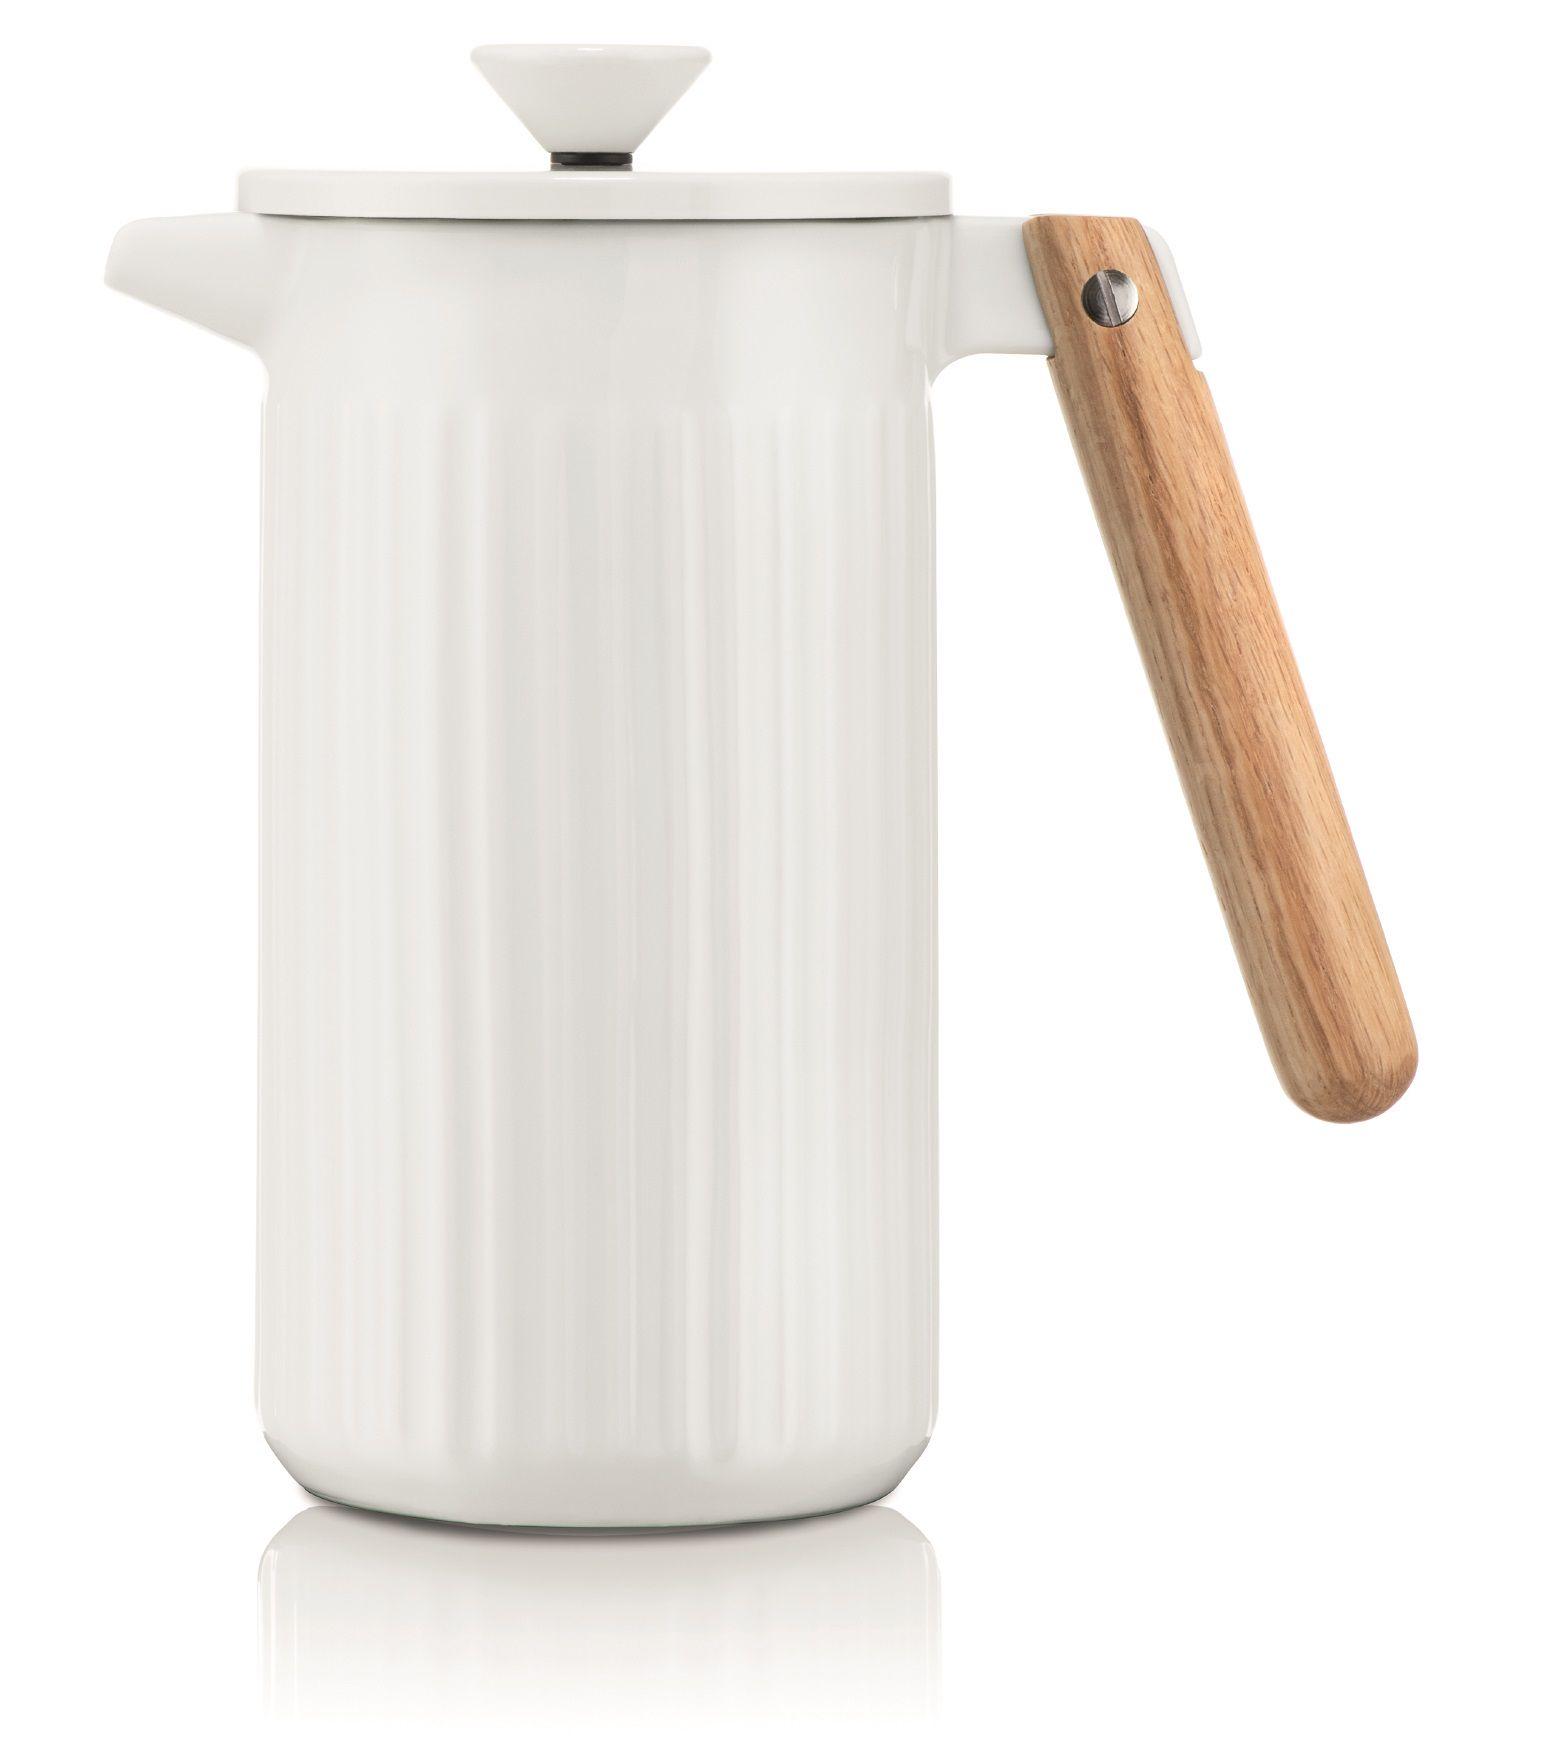 Bodum Cafetière Douro Wit 1 Liter